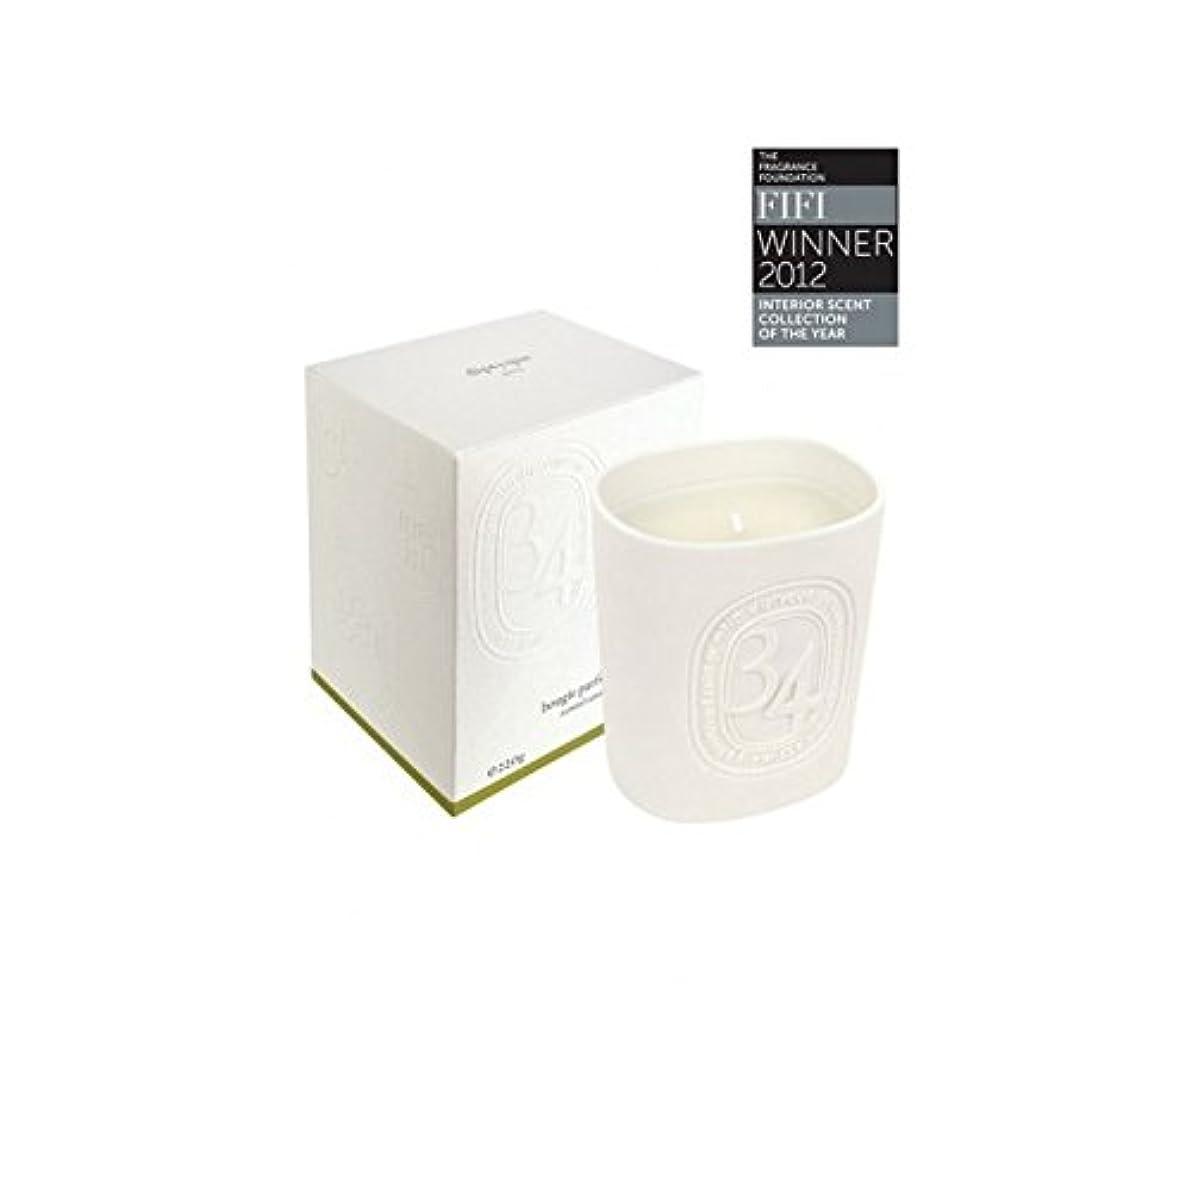 ハーブ債権者違うDiptyque Collection 34 Boulevard Saint Germain Candle 220g (Pack of 2) - Diptyqueコレクション34大通りサンジェルマンキャンドル220グラム...